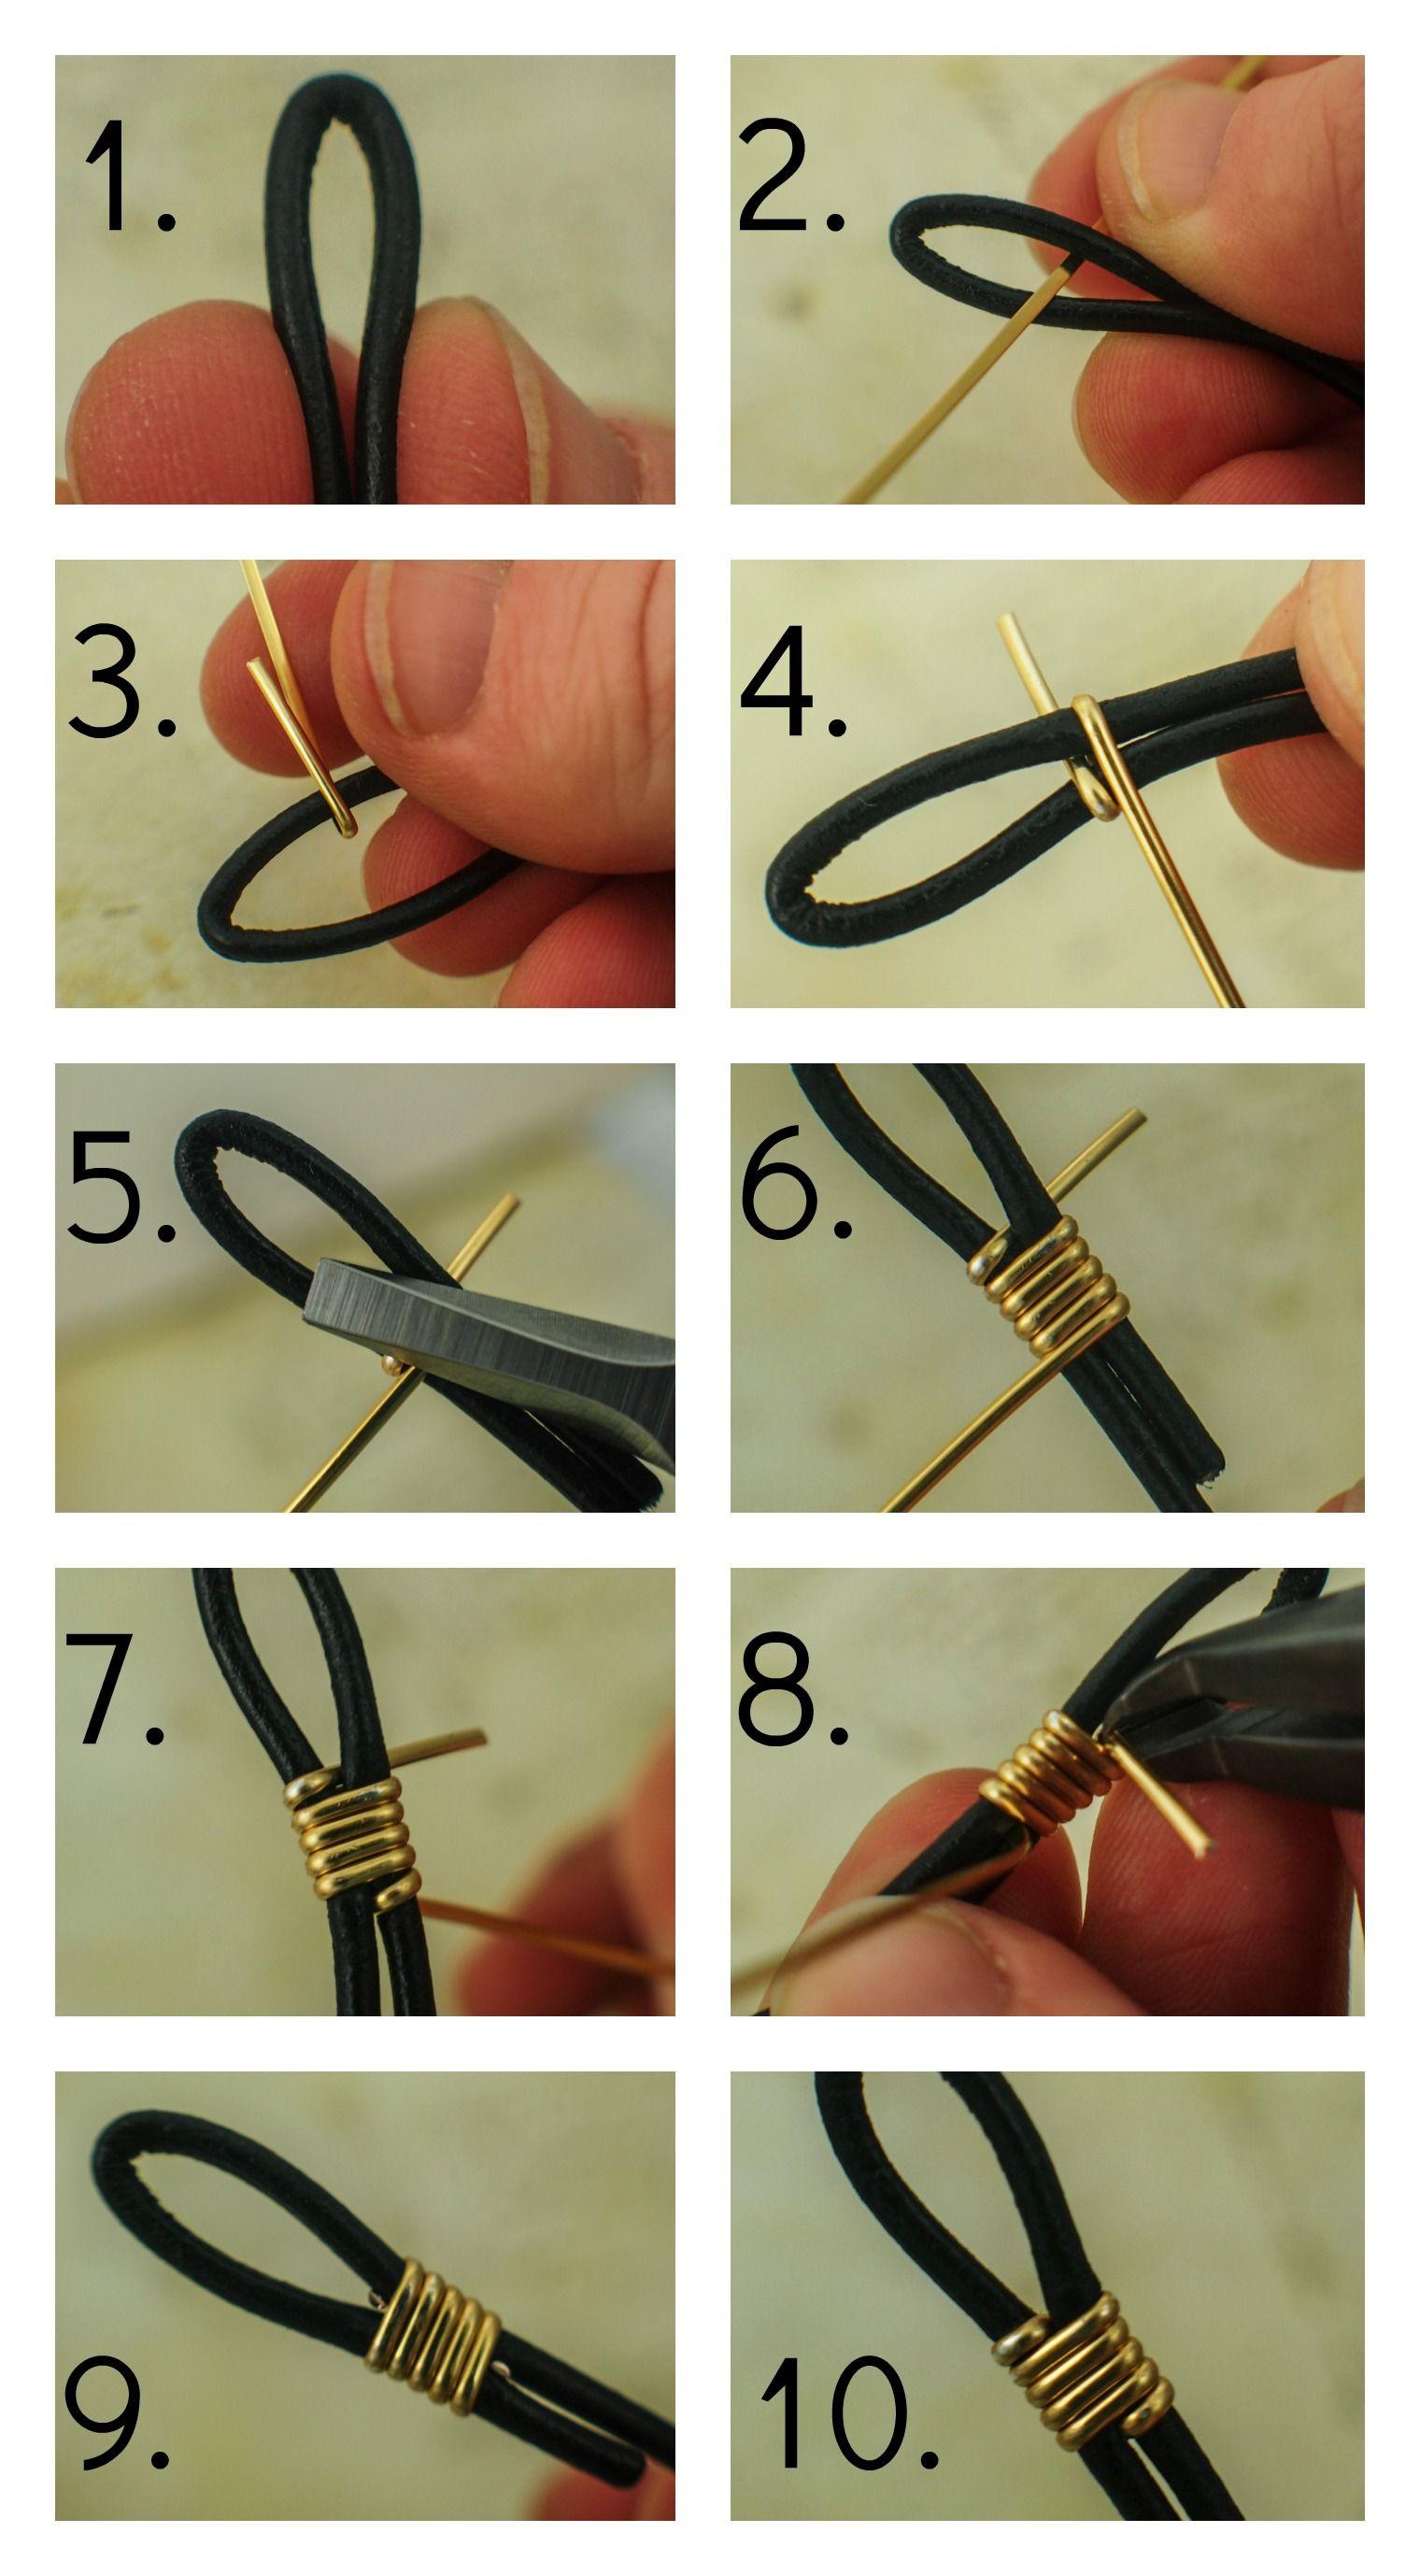 CoMo Finalizar la cuerda de cuero con alambre | Fuentes Unkamen                                                                                                                                                                                 Más